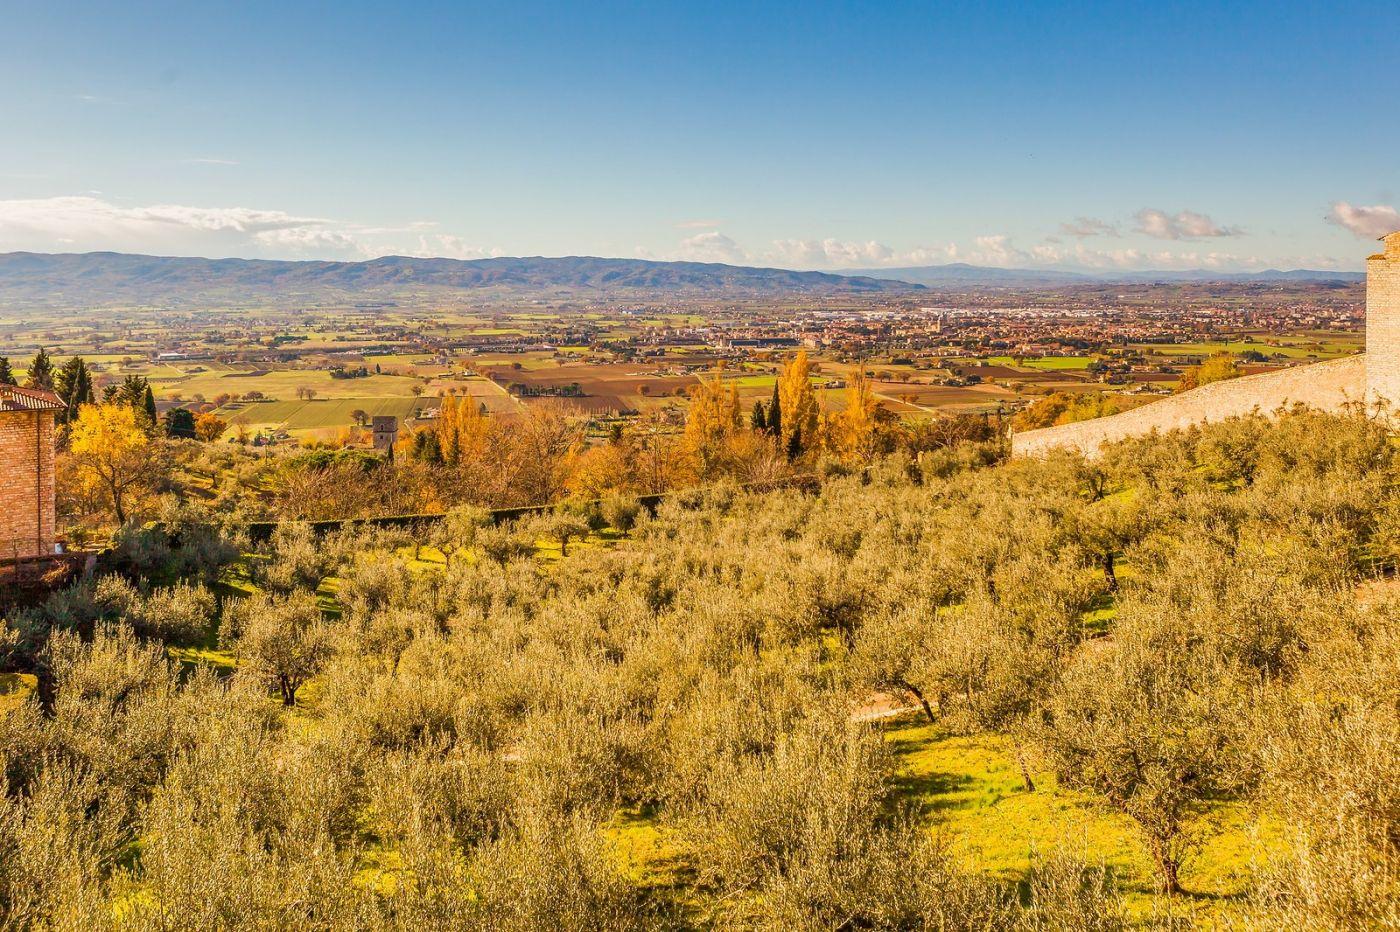 意大利阿西西(Assisi), 登高放眼_图1-12